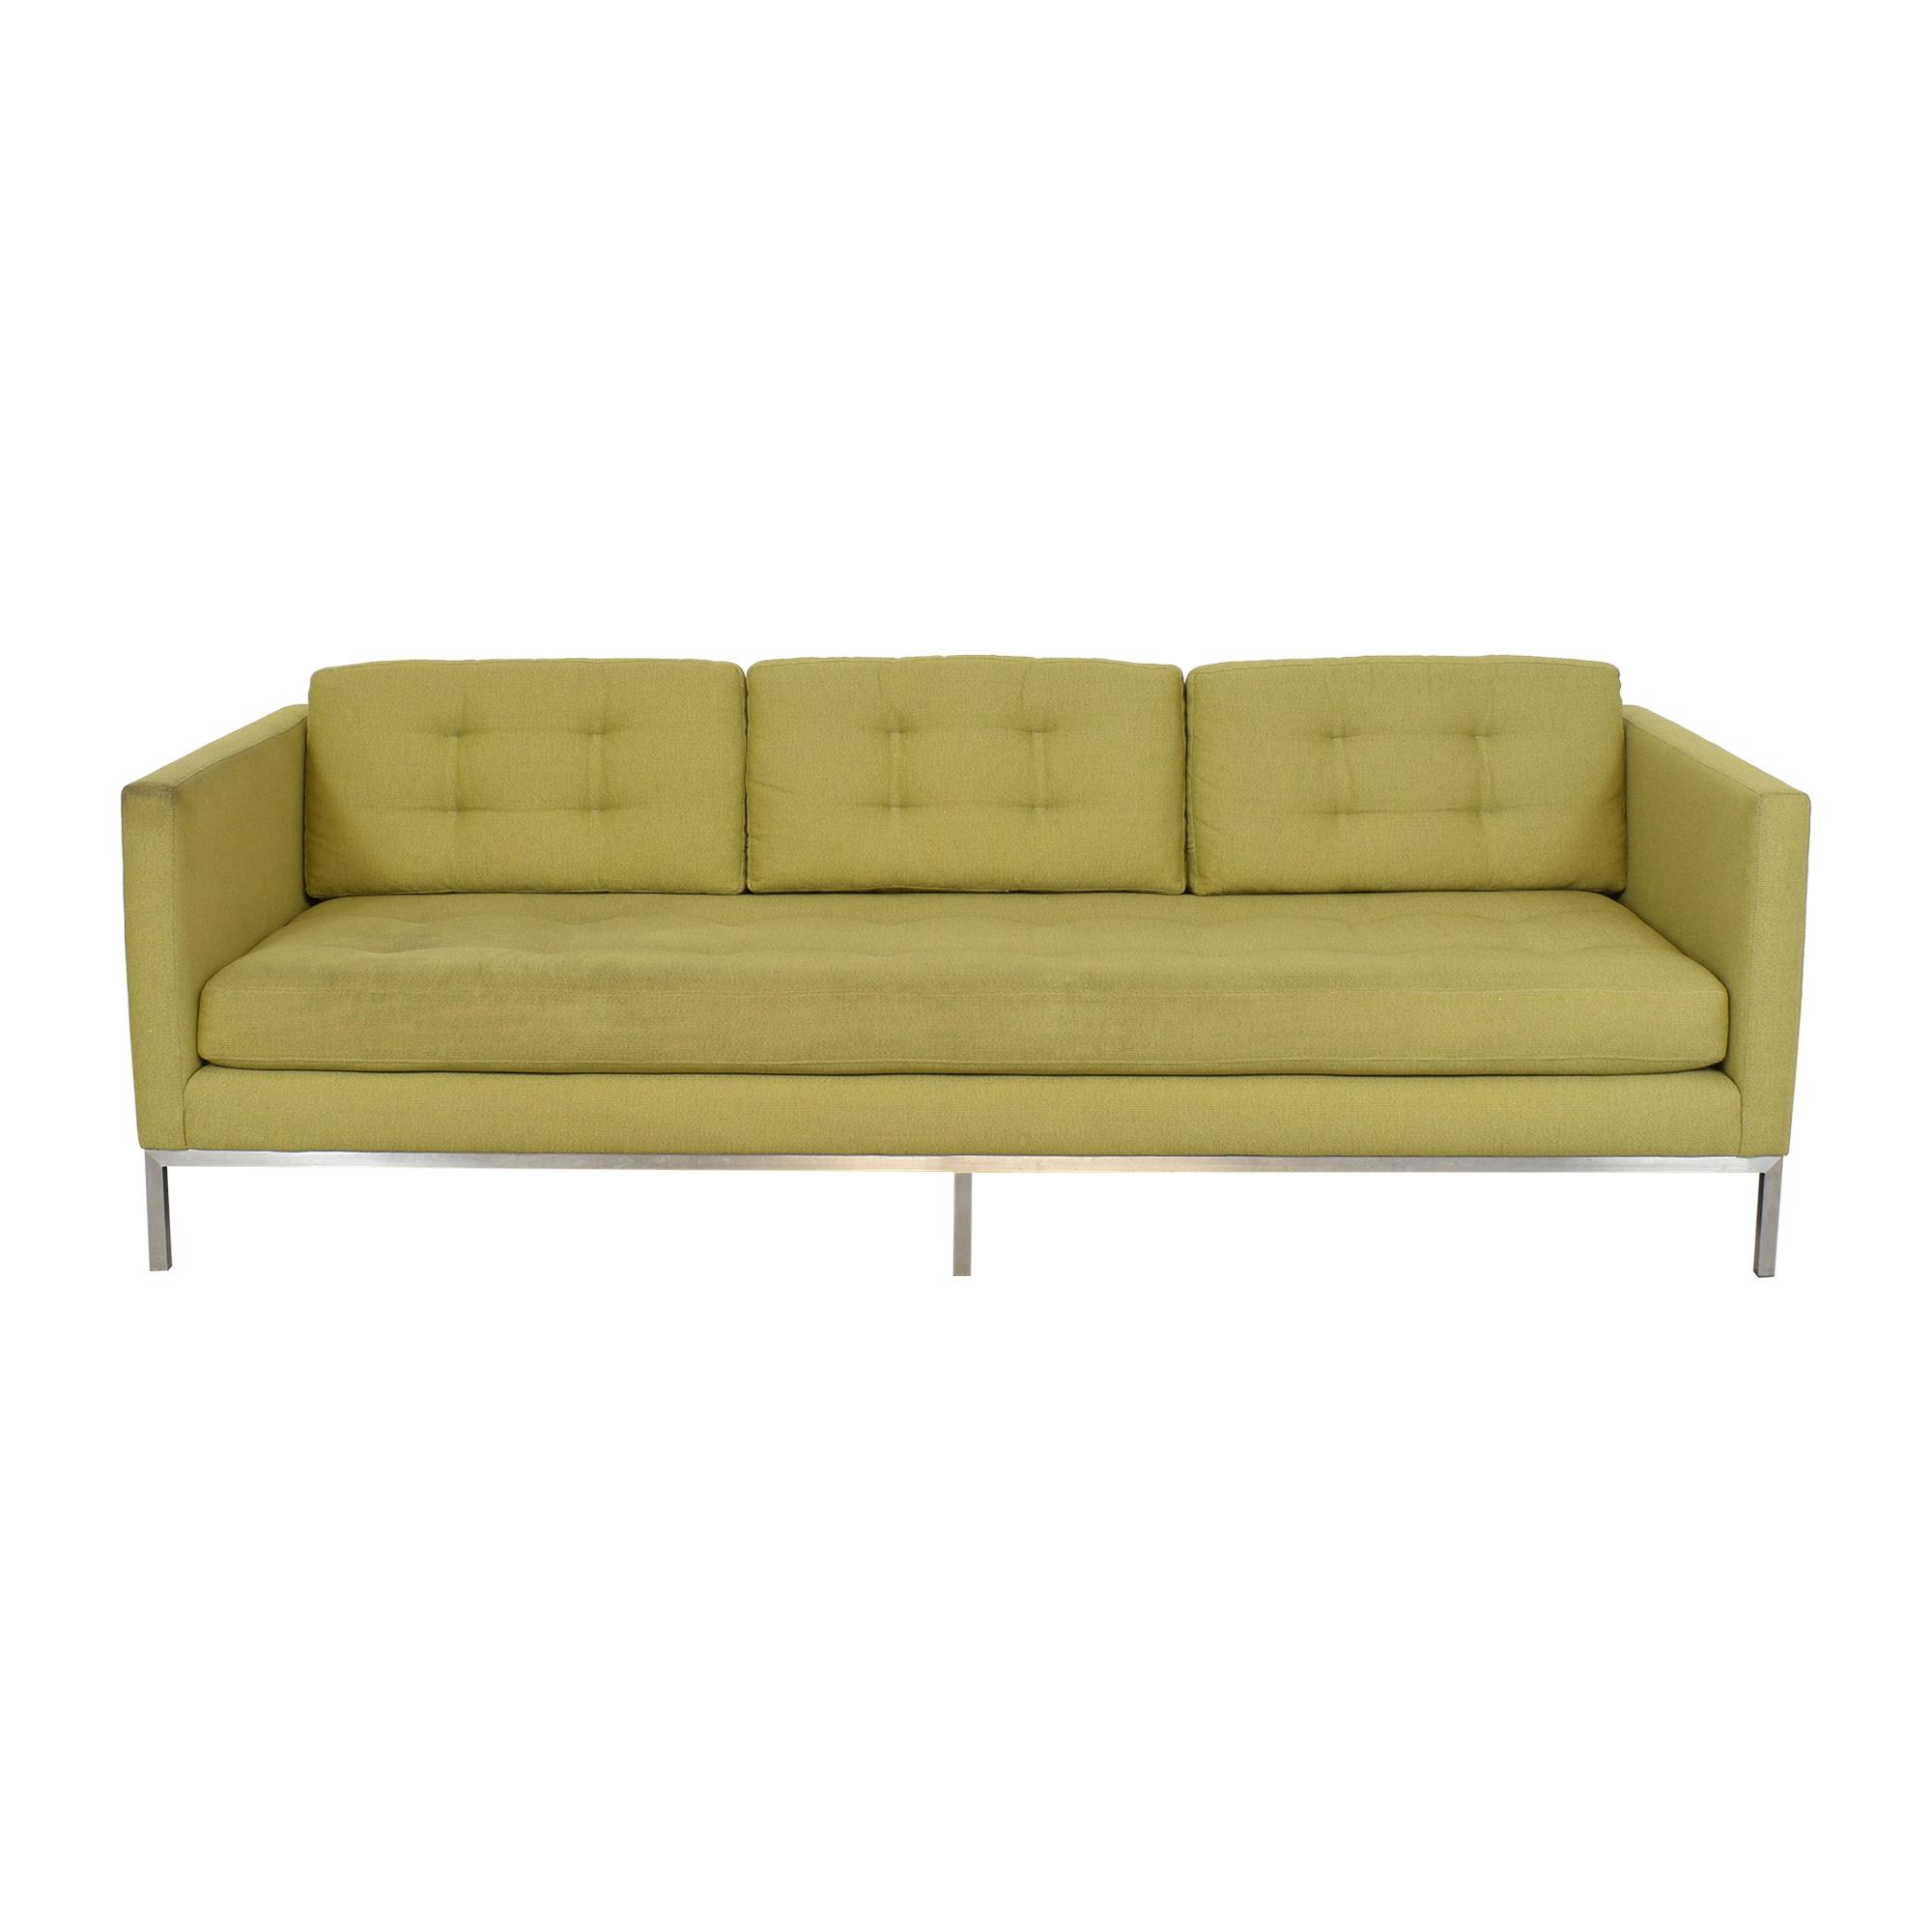 Room & Board Room & Board Mid Century Modern Sofa